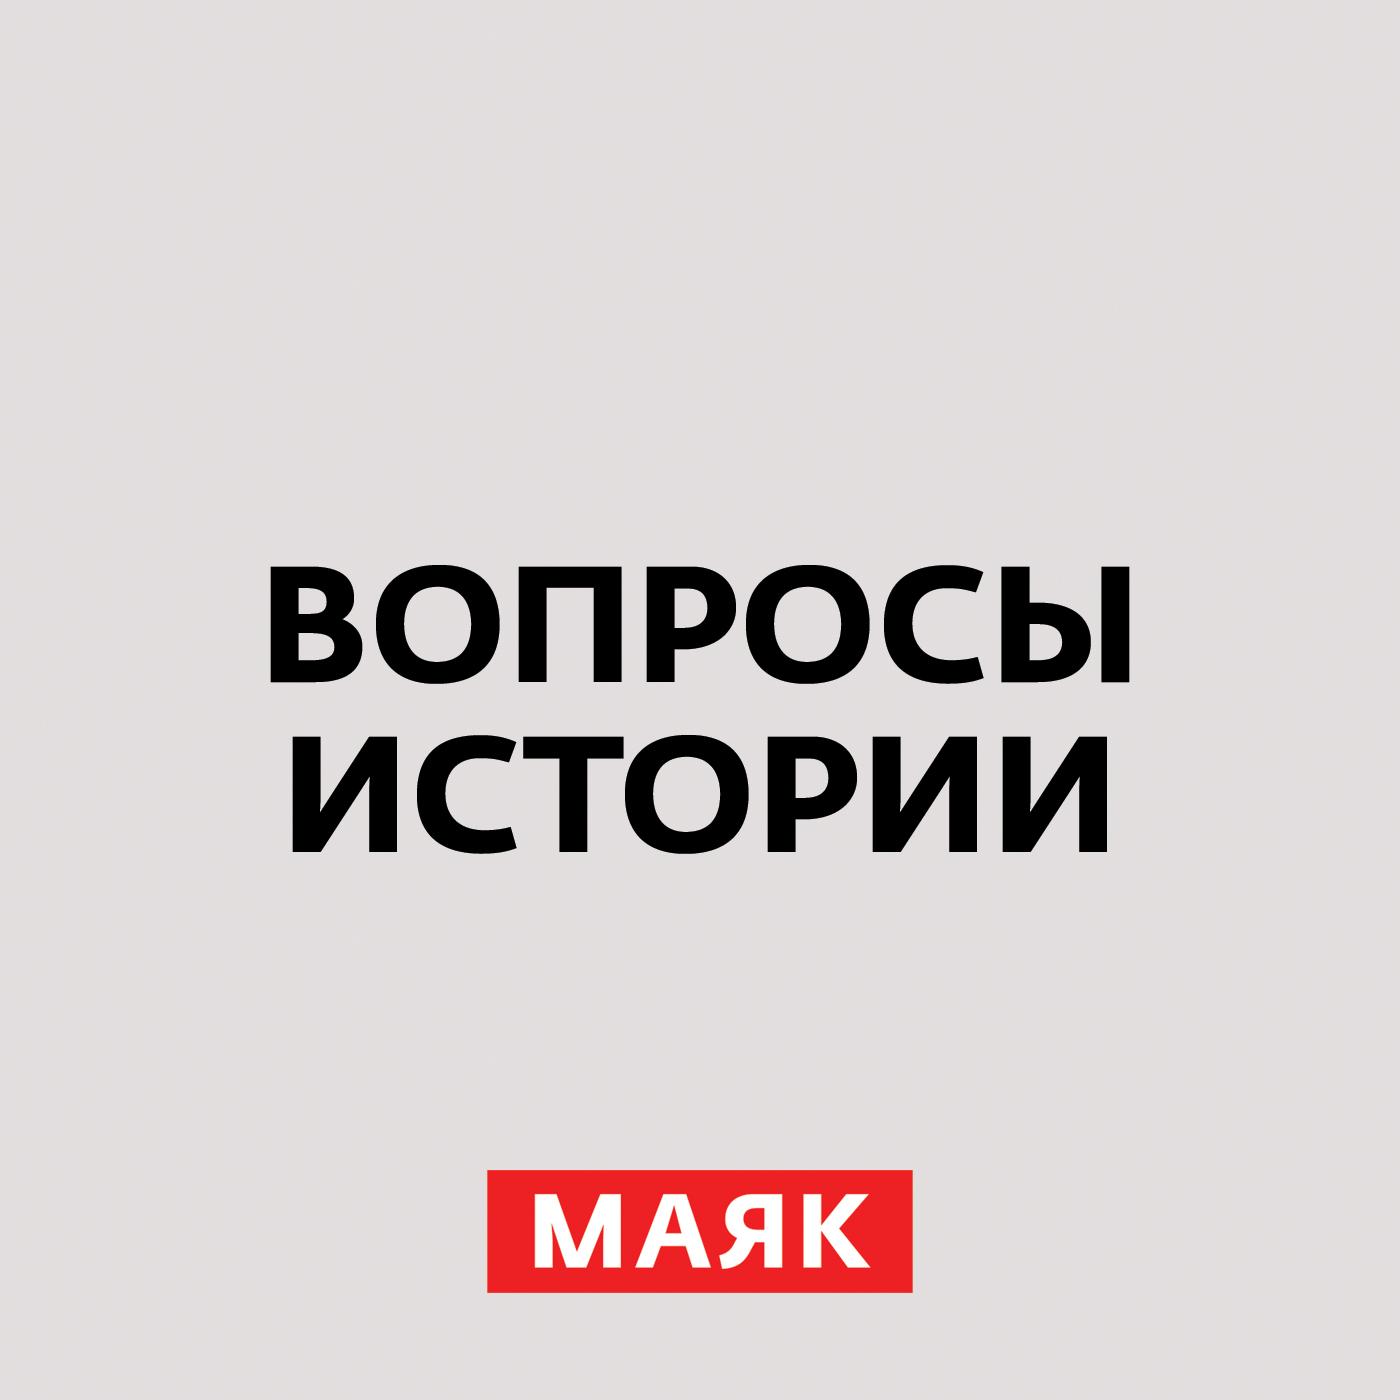 Андрей Светенко Писатель – не диагноз, писатель – это боль андрей светенко писатель – не диагноз писатель – это боль